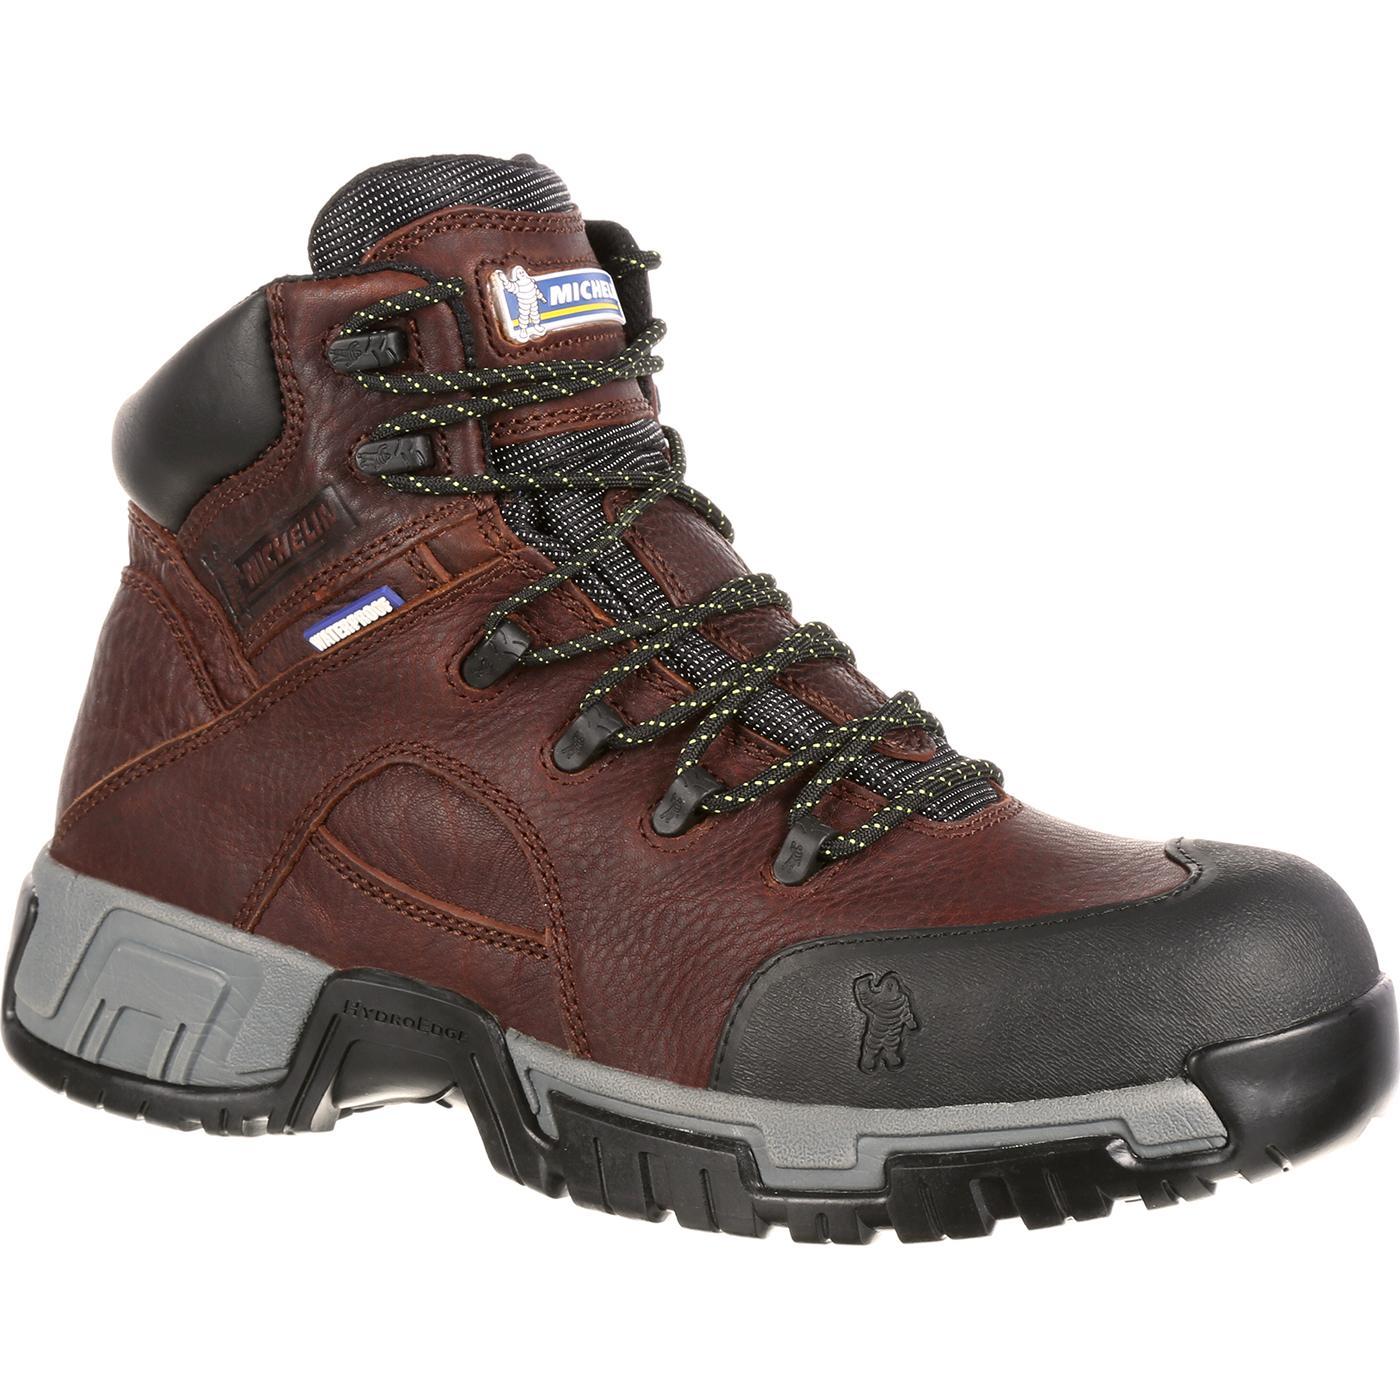 Brown Michelin Waterproof Steel Toe Work Boots